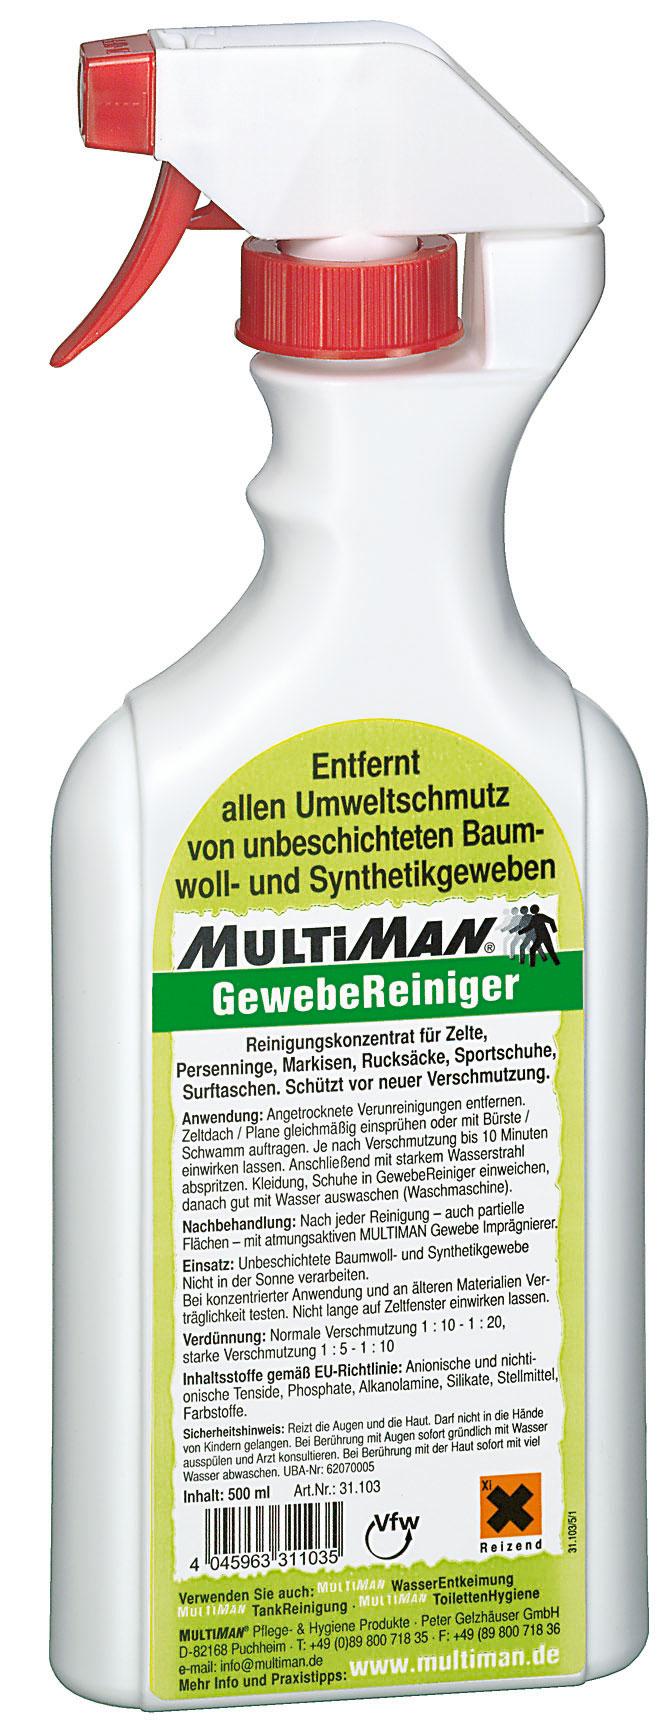 Gewebereinigung_MultiMan_GewebeReiniger_500_Spr-hflasche